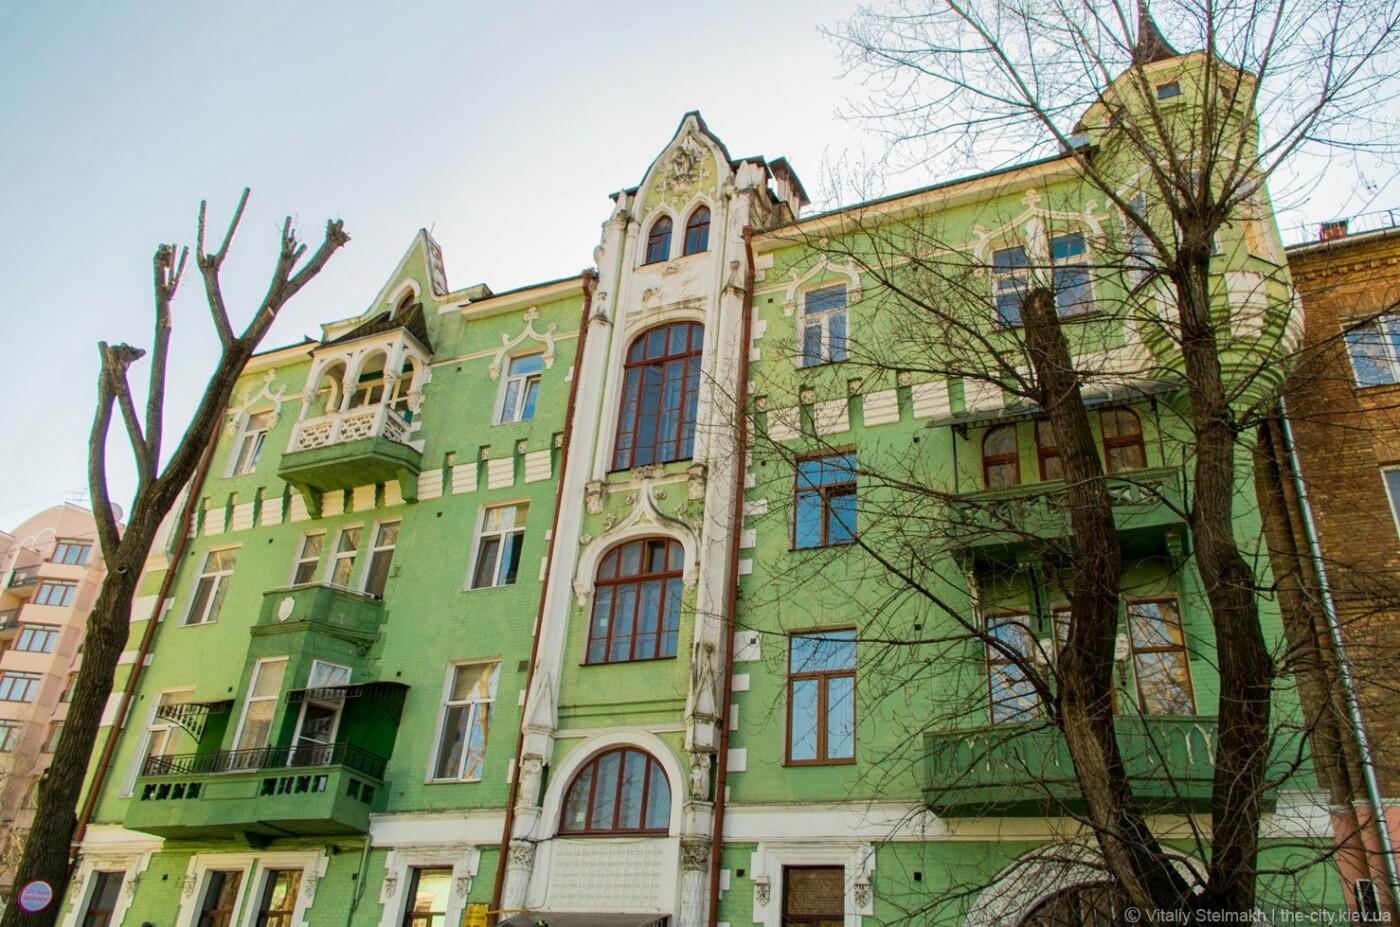 Ретро Киев: ТОП-5 старинных домов столицы, которые потрясают своей красотой, фото-6